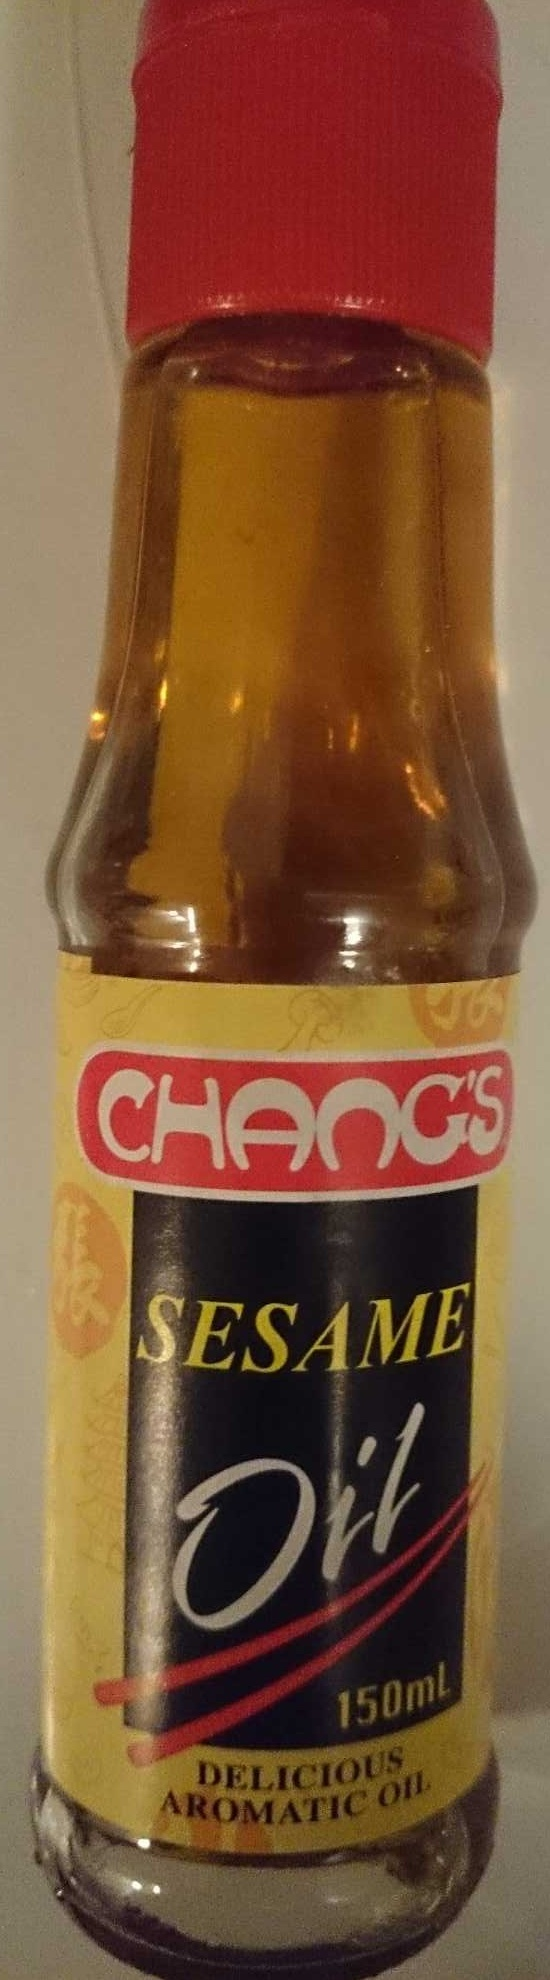 Changs Sesame Oil - Product - en